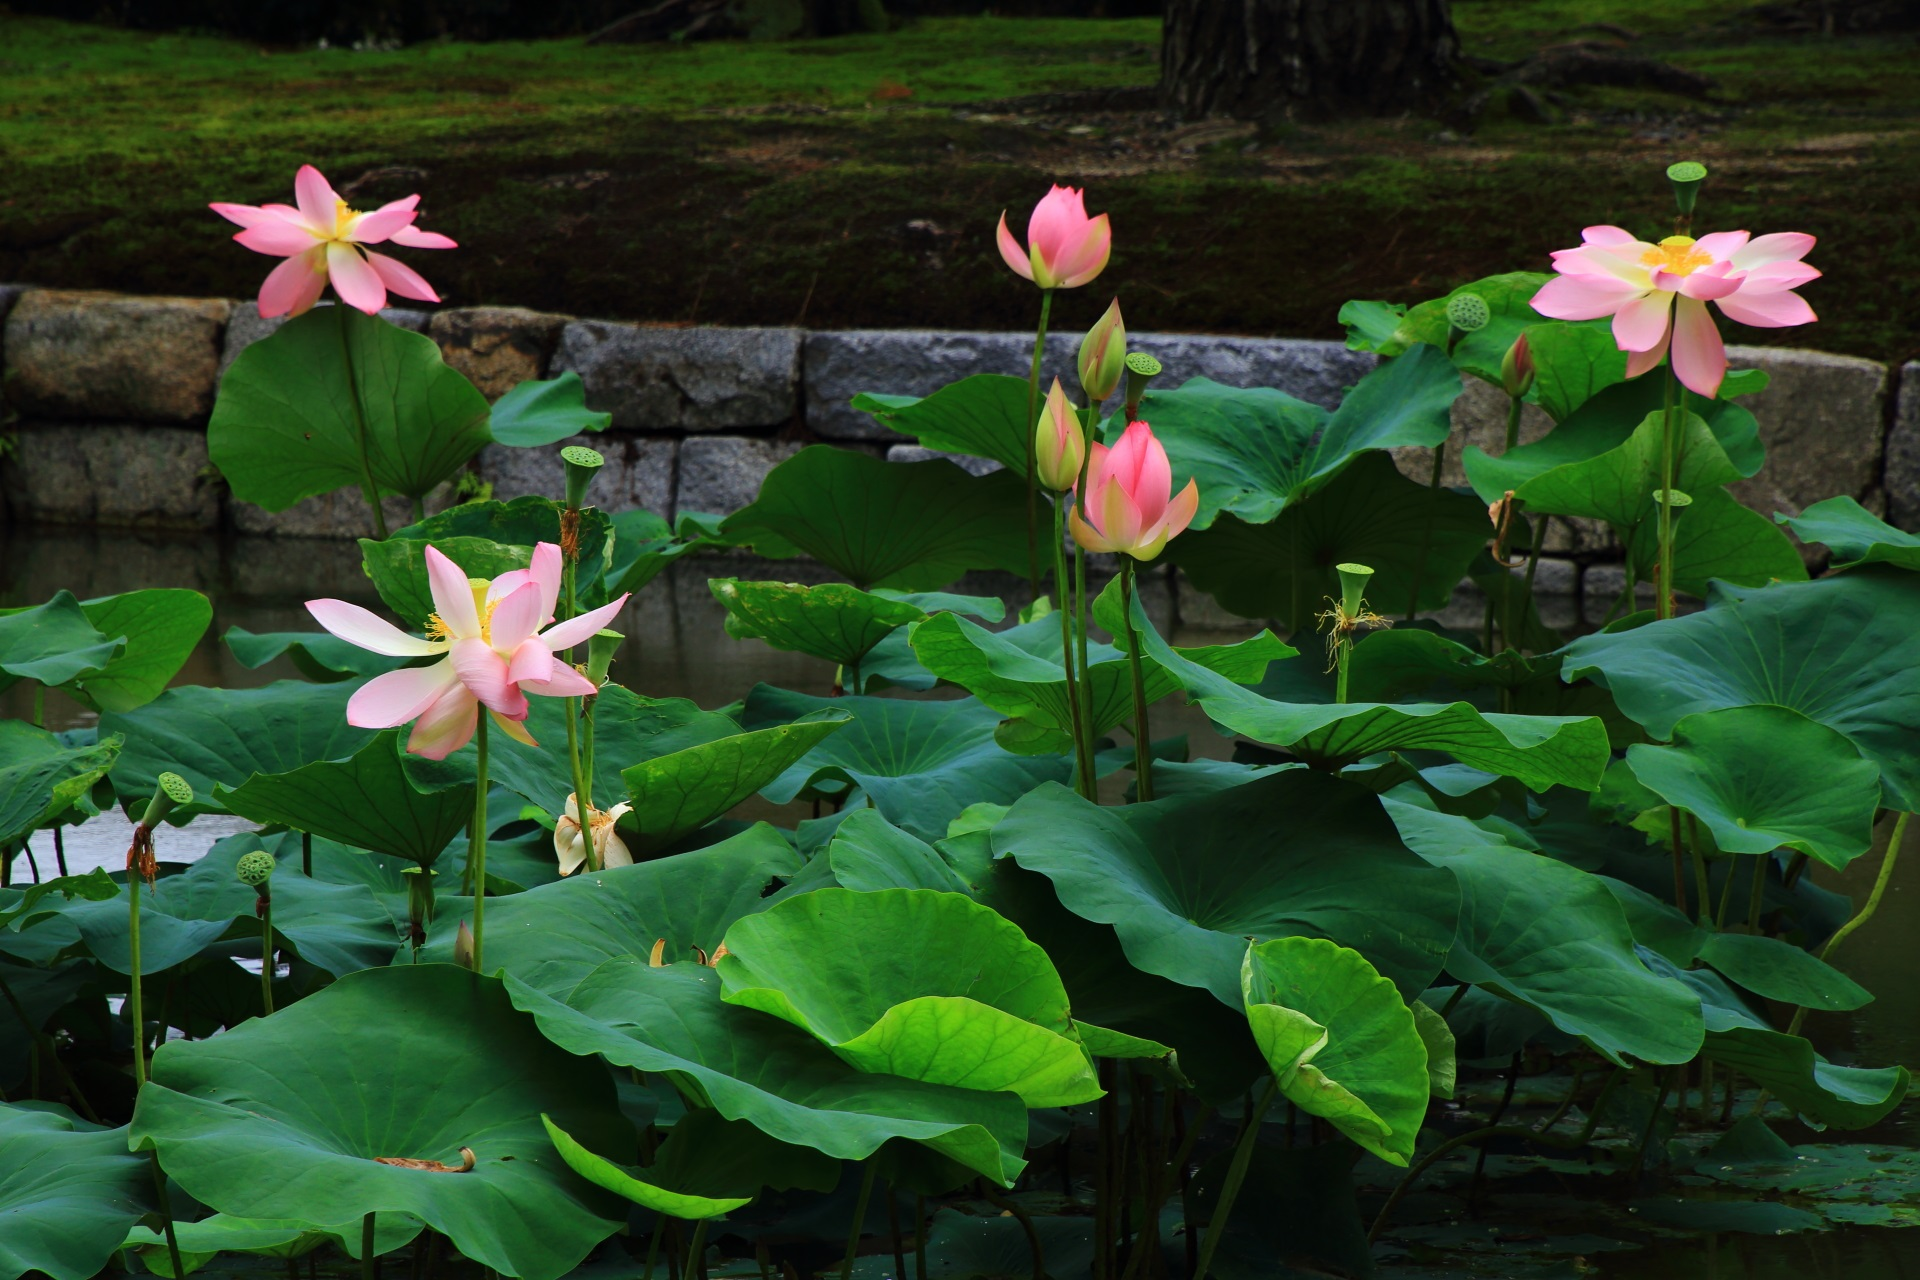 素晴らしい色合いのピンクの花が咲く蓮の穴場の建仁寺